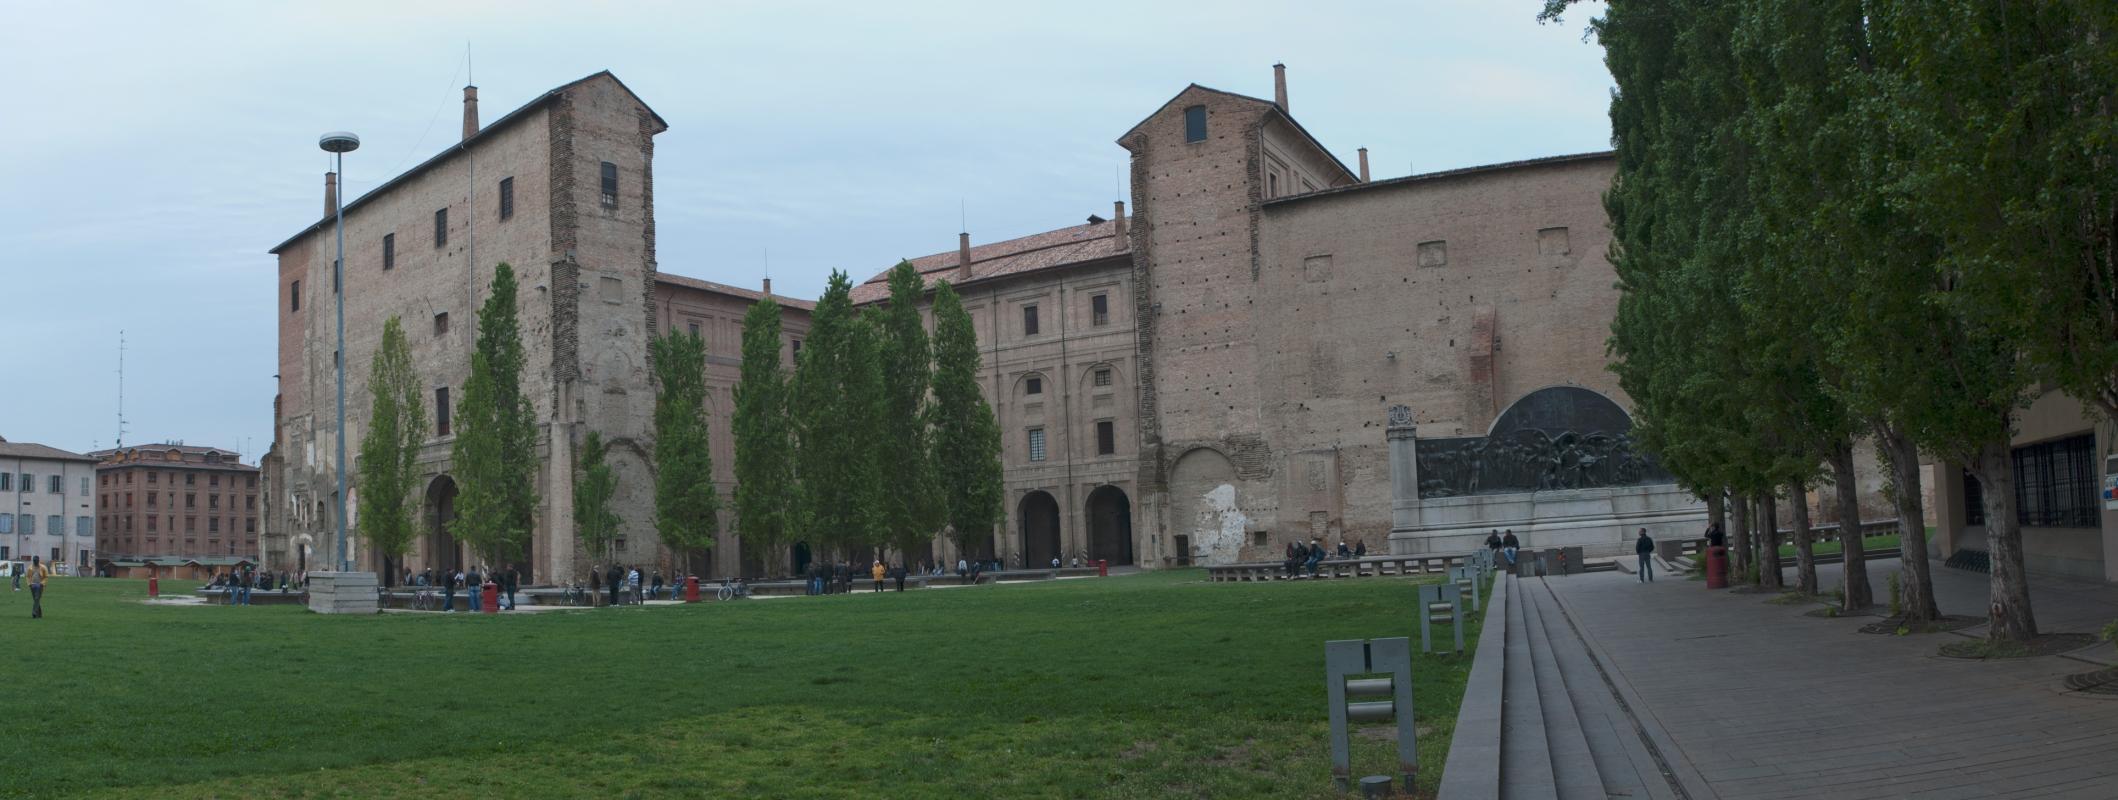 Vista delle mura della Cittadella - Fabio Duma - Parma (PR)